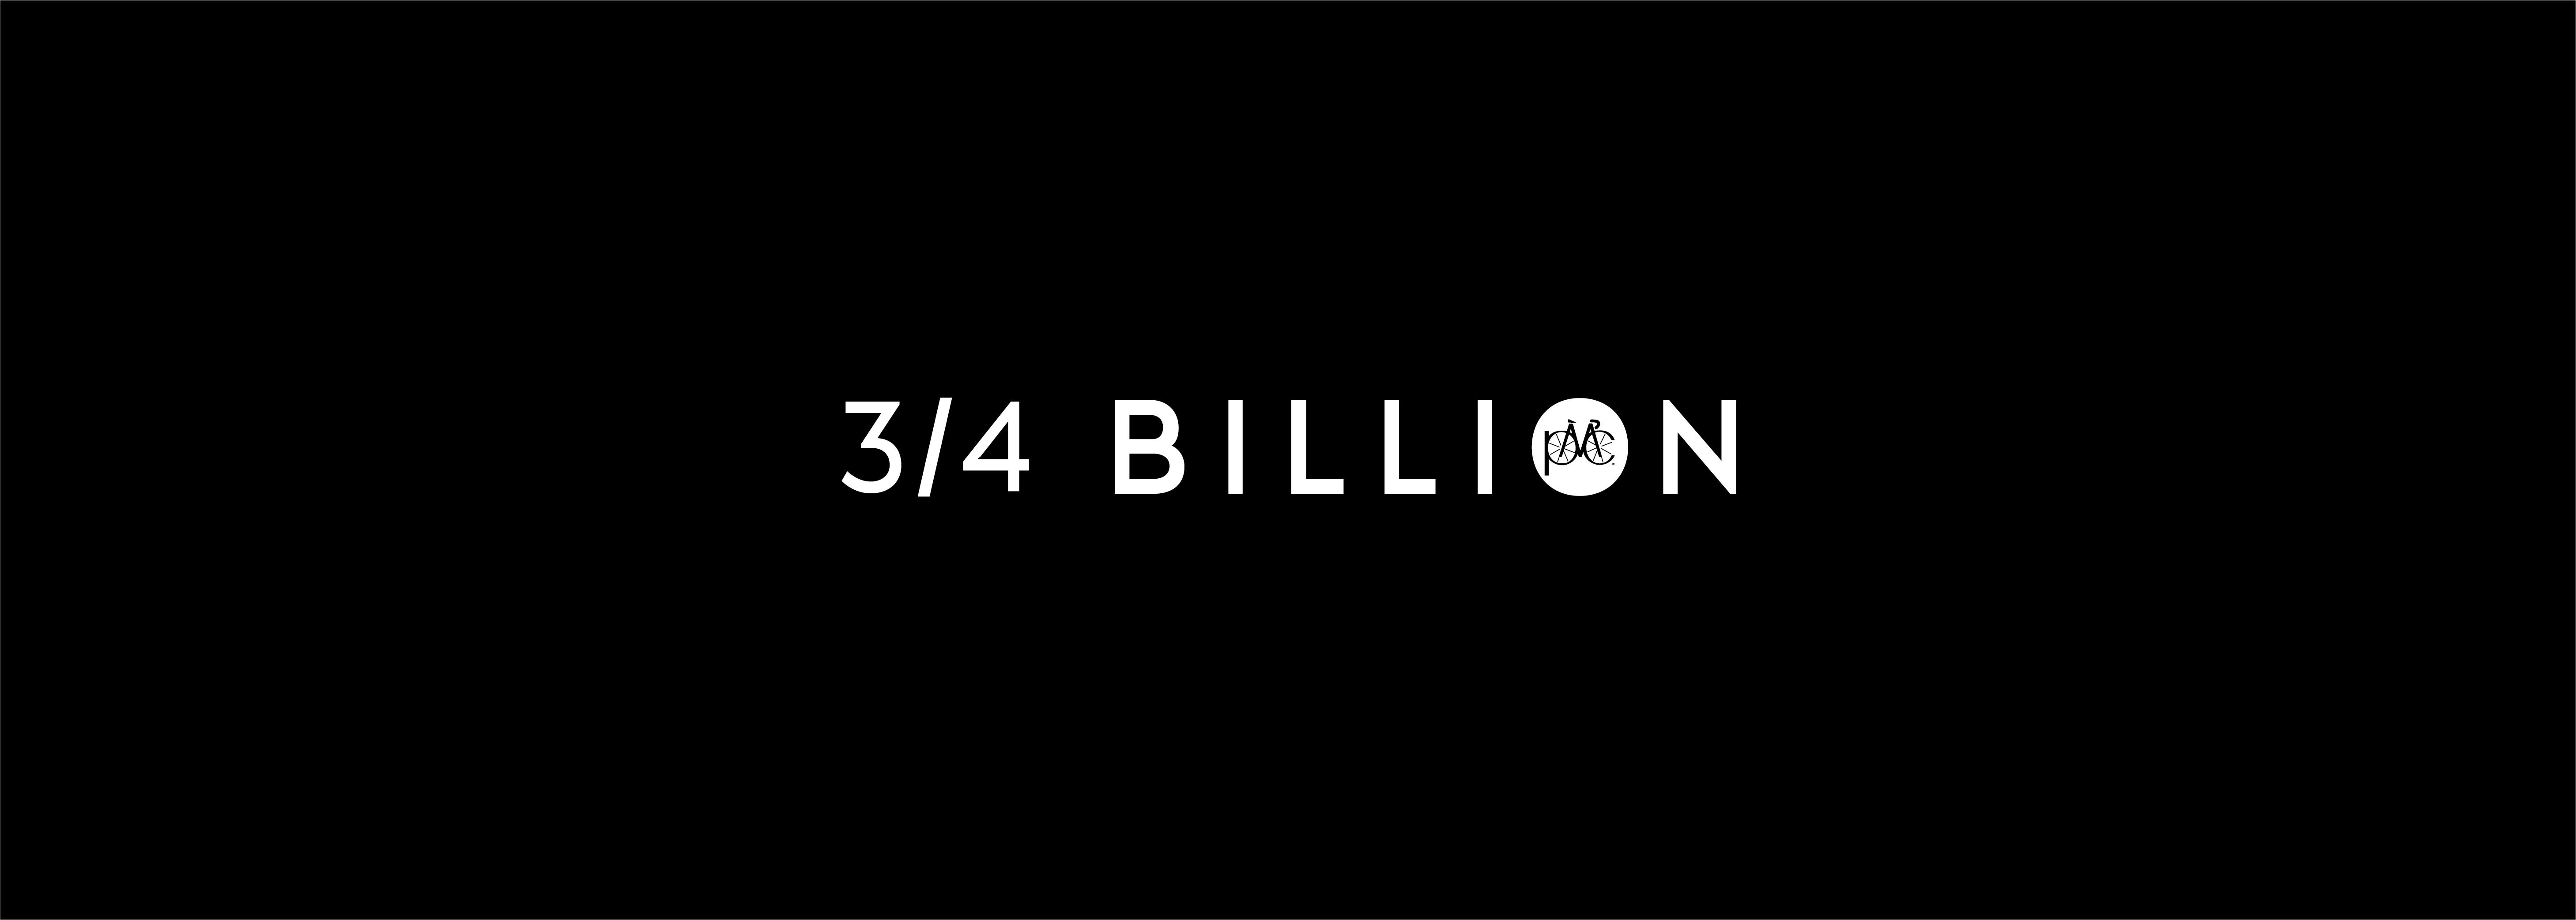 three quarter billion slide-L v2